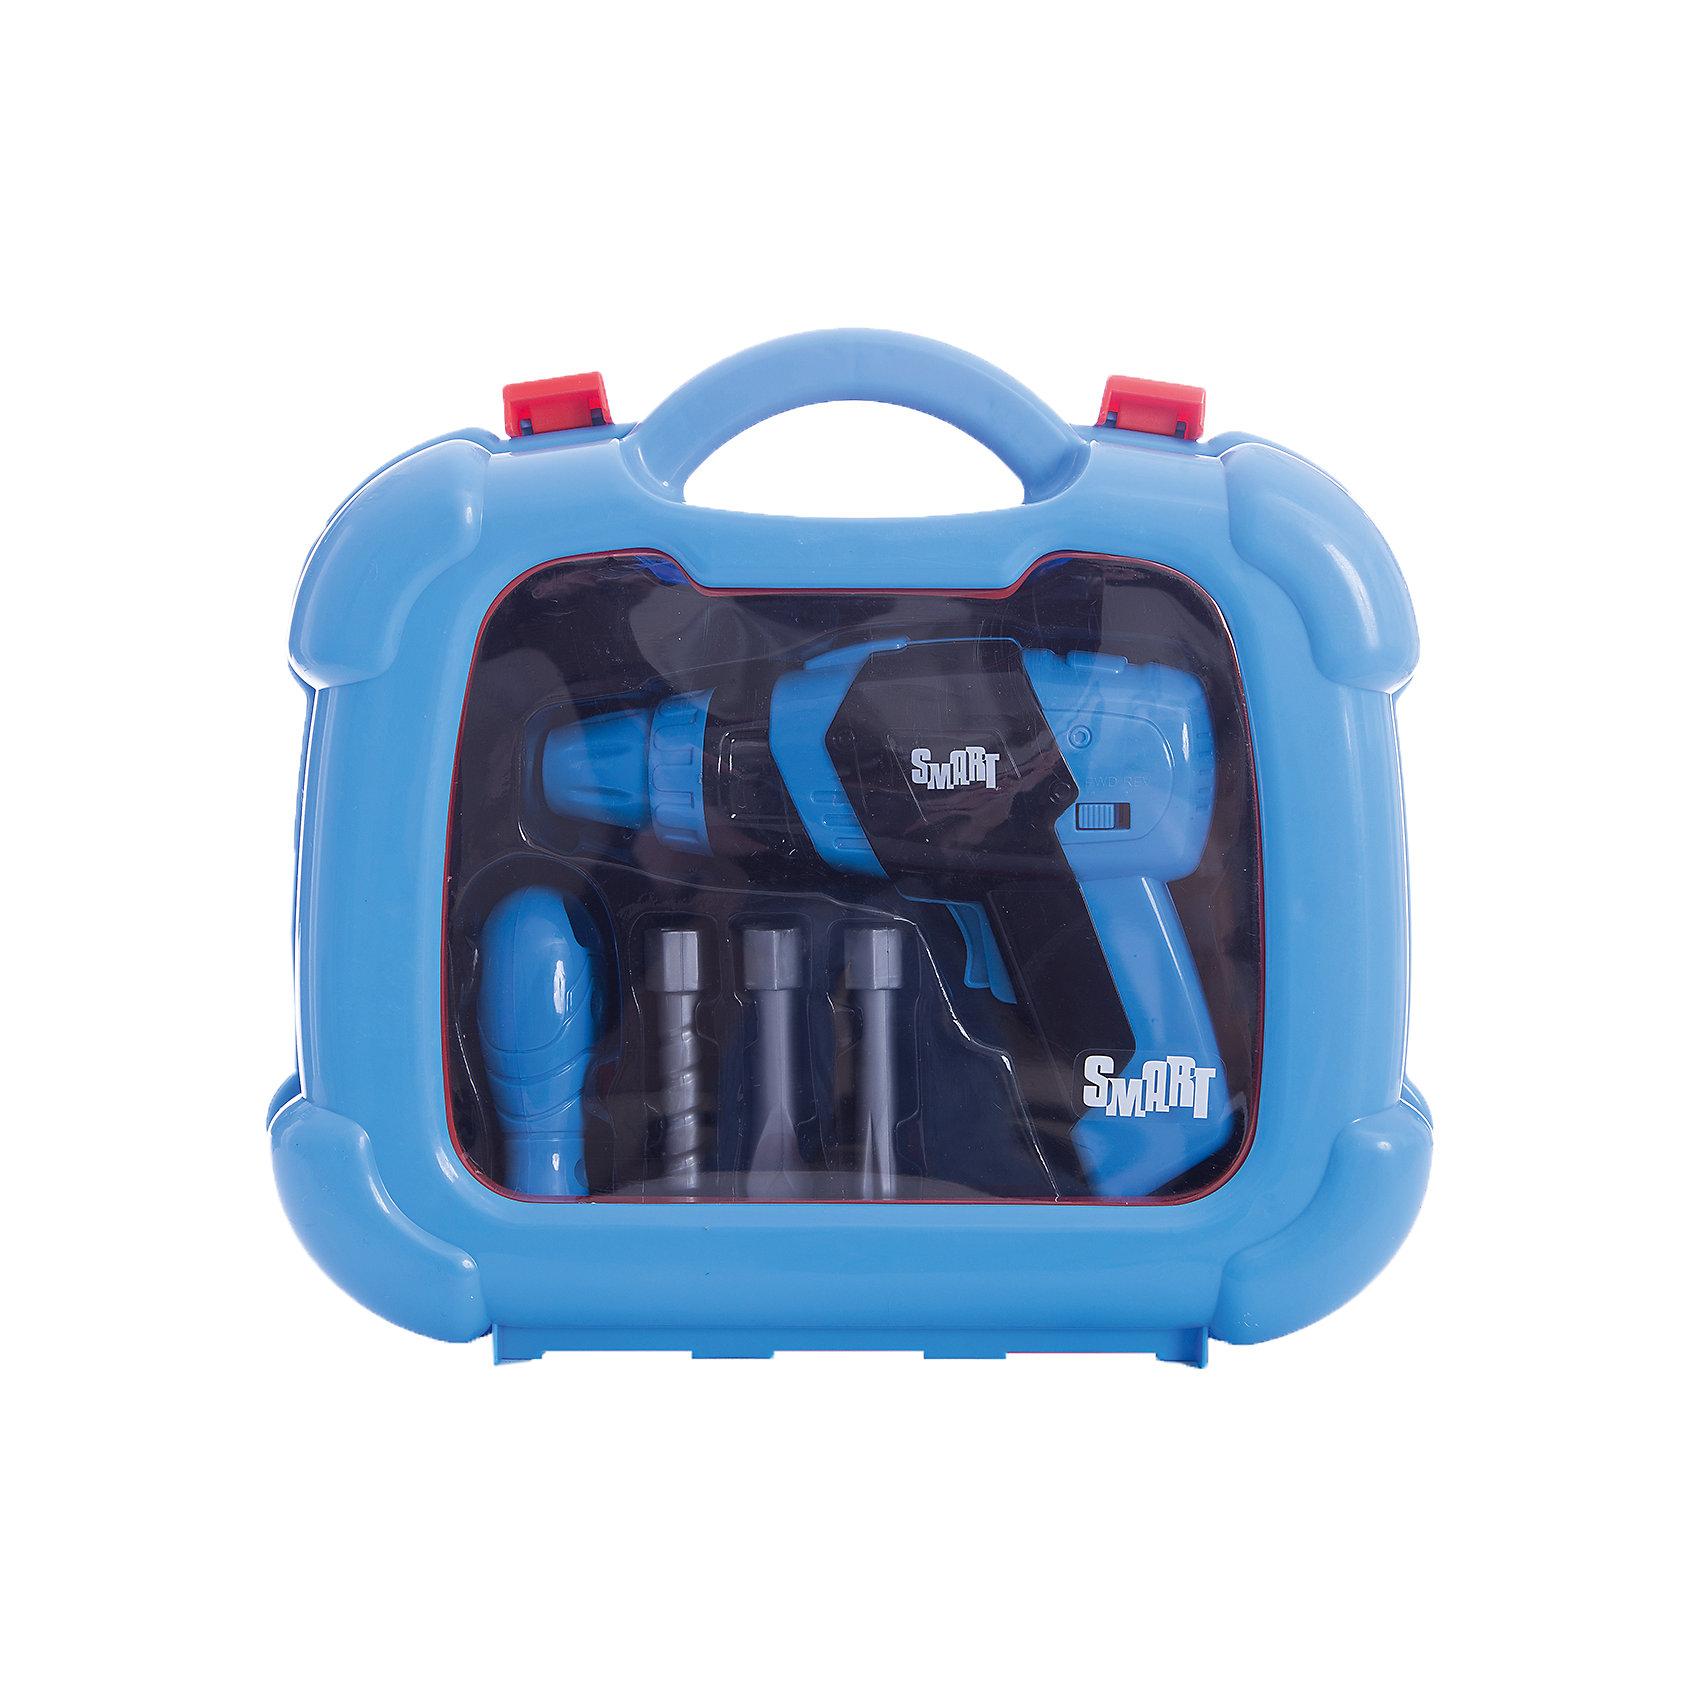 Набор инструментов Smart, HTIСюжетно-ролевые игры<br>Набор инструментов Smart, HTI.<br><br>Характеристика: <br><br>• Материал: пластик. <br>• Размер упаковки: 28x24,4x8,5 см. <br>• Комплектация: дрель, отвёртка, насадки, чемоданчик. <br>• Удобные застежки. <br>• Ручка для переноски. <br>• Реалистичная детализация. <br><br>Набор инструментов - то, что нужно каждому юному строителю. В этом чемоданчике есть множество аксессуаров, с которыми ваш малыш почувствует себя настоящим мастером. Все детали набора отлично проработаны и выглядят как настоящие. Изготовлены из высококачественного прочного пластика безопасного для детей. <br><br>Набор инструментов Smart, HTI, можно купить в нашем интернет-магазине.<br><br>Ширина мм: 240<br>Глубина мм: 250<br>Высота мм: 75<br>Вес г: 500<br>Возраст от месяцев: 36<br>Возраст до месяцев: 168<br>Пол: Мужской<br>Возраст: Детский<br>SKU: 5366548